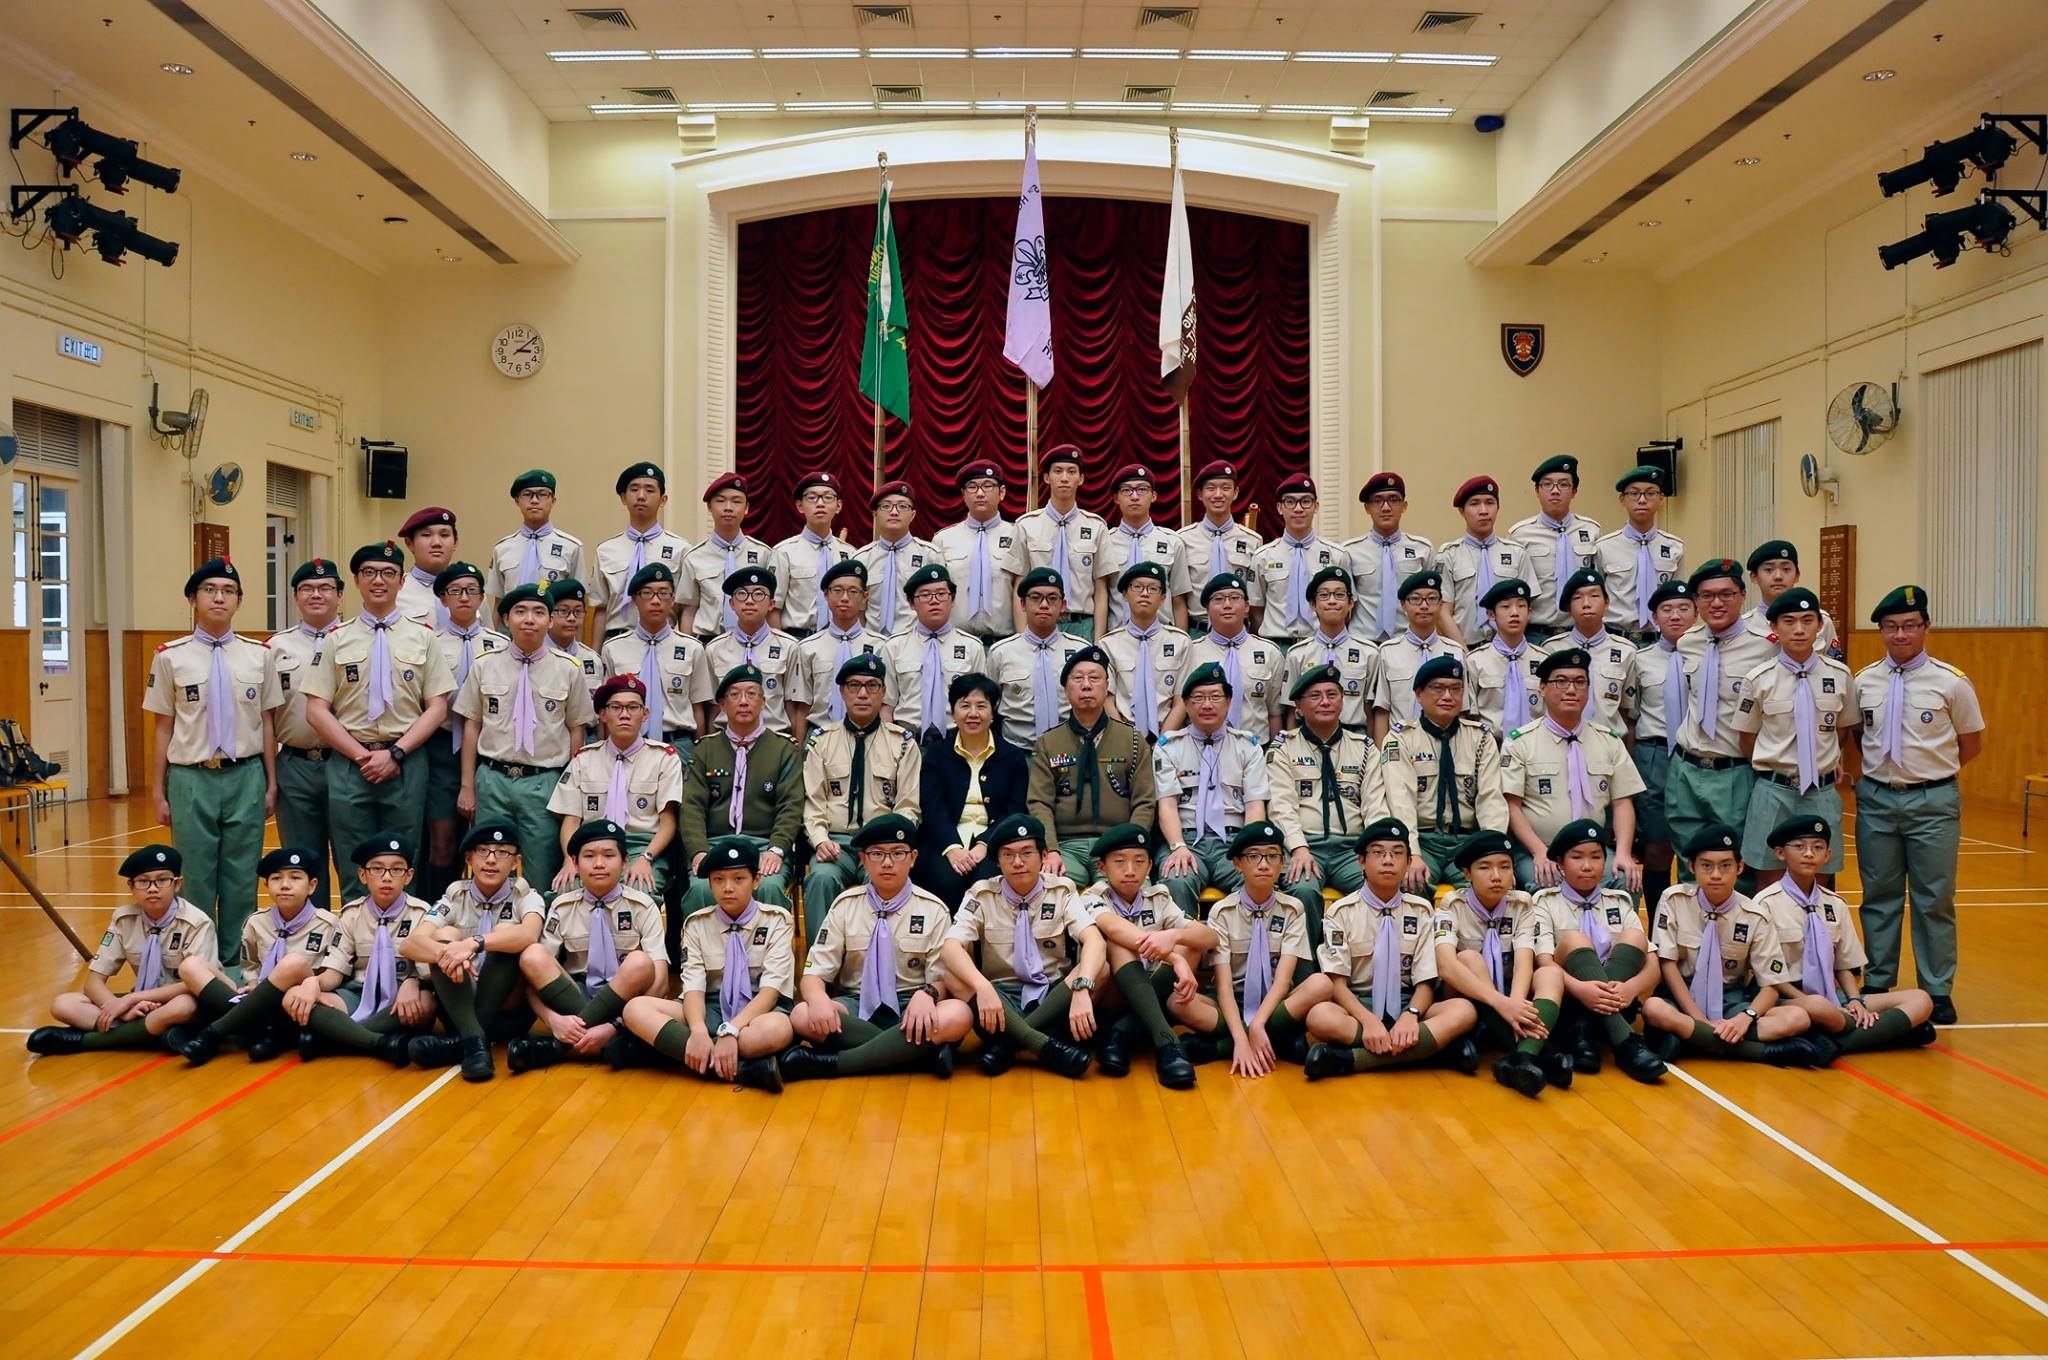 2016年1月16日童軍宣誓日,前香港總監許招賢先生獲邀為主禮嘉賓。